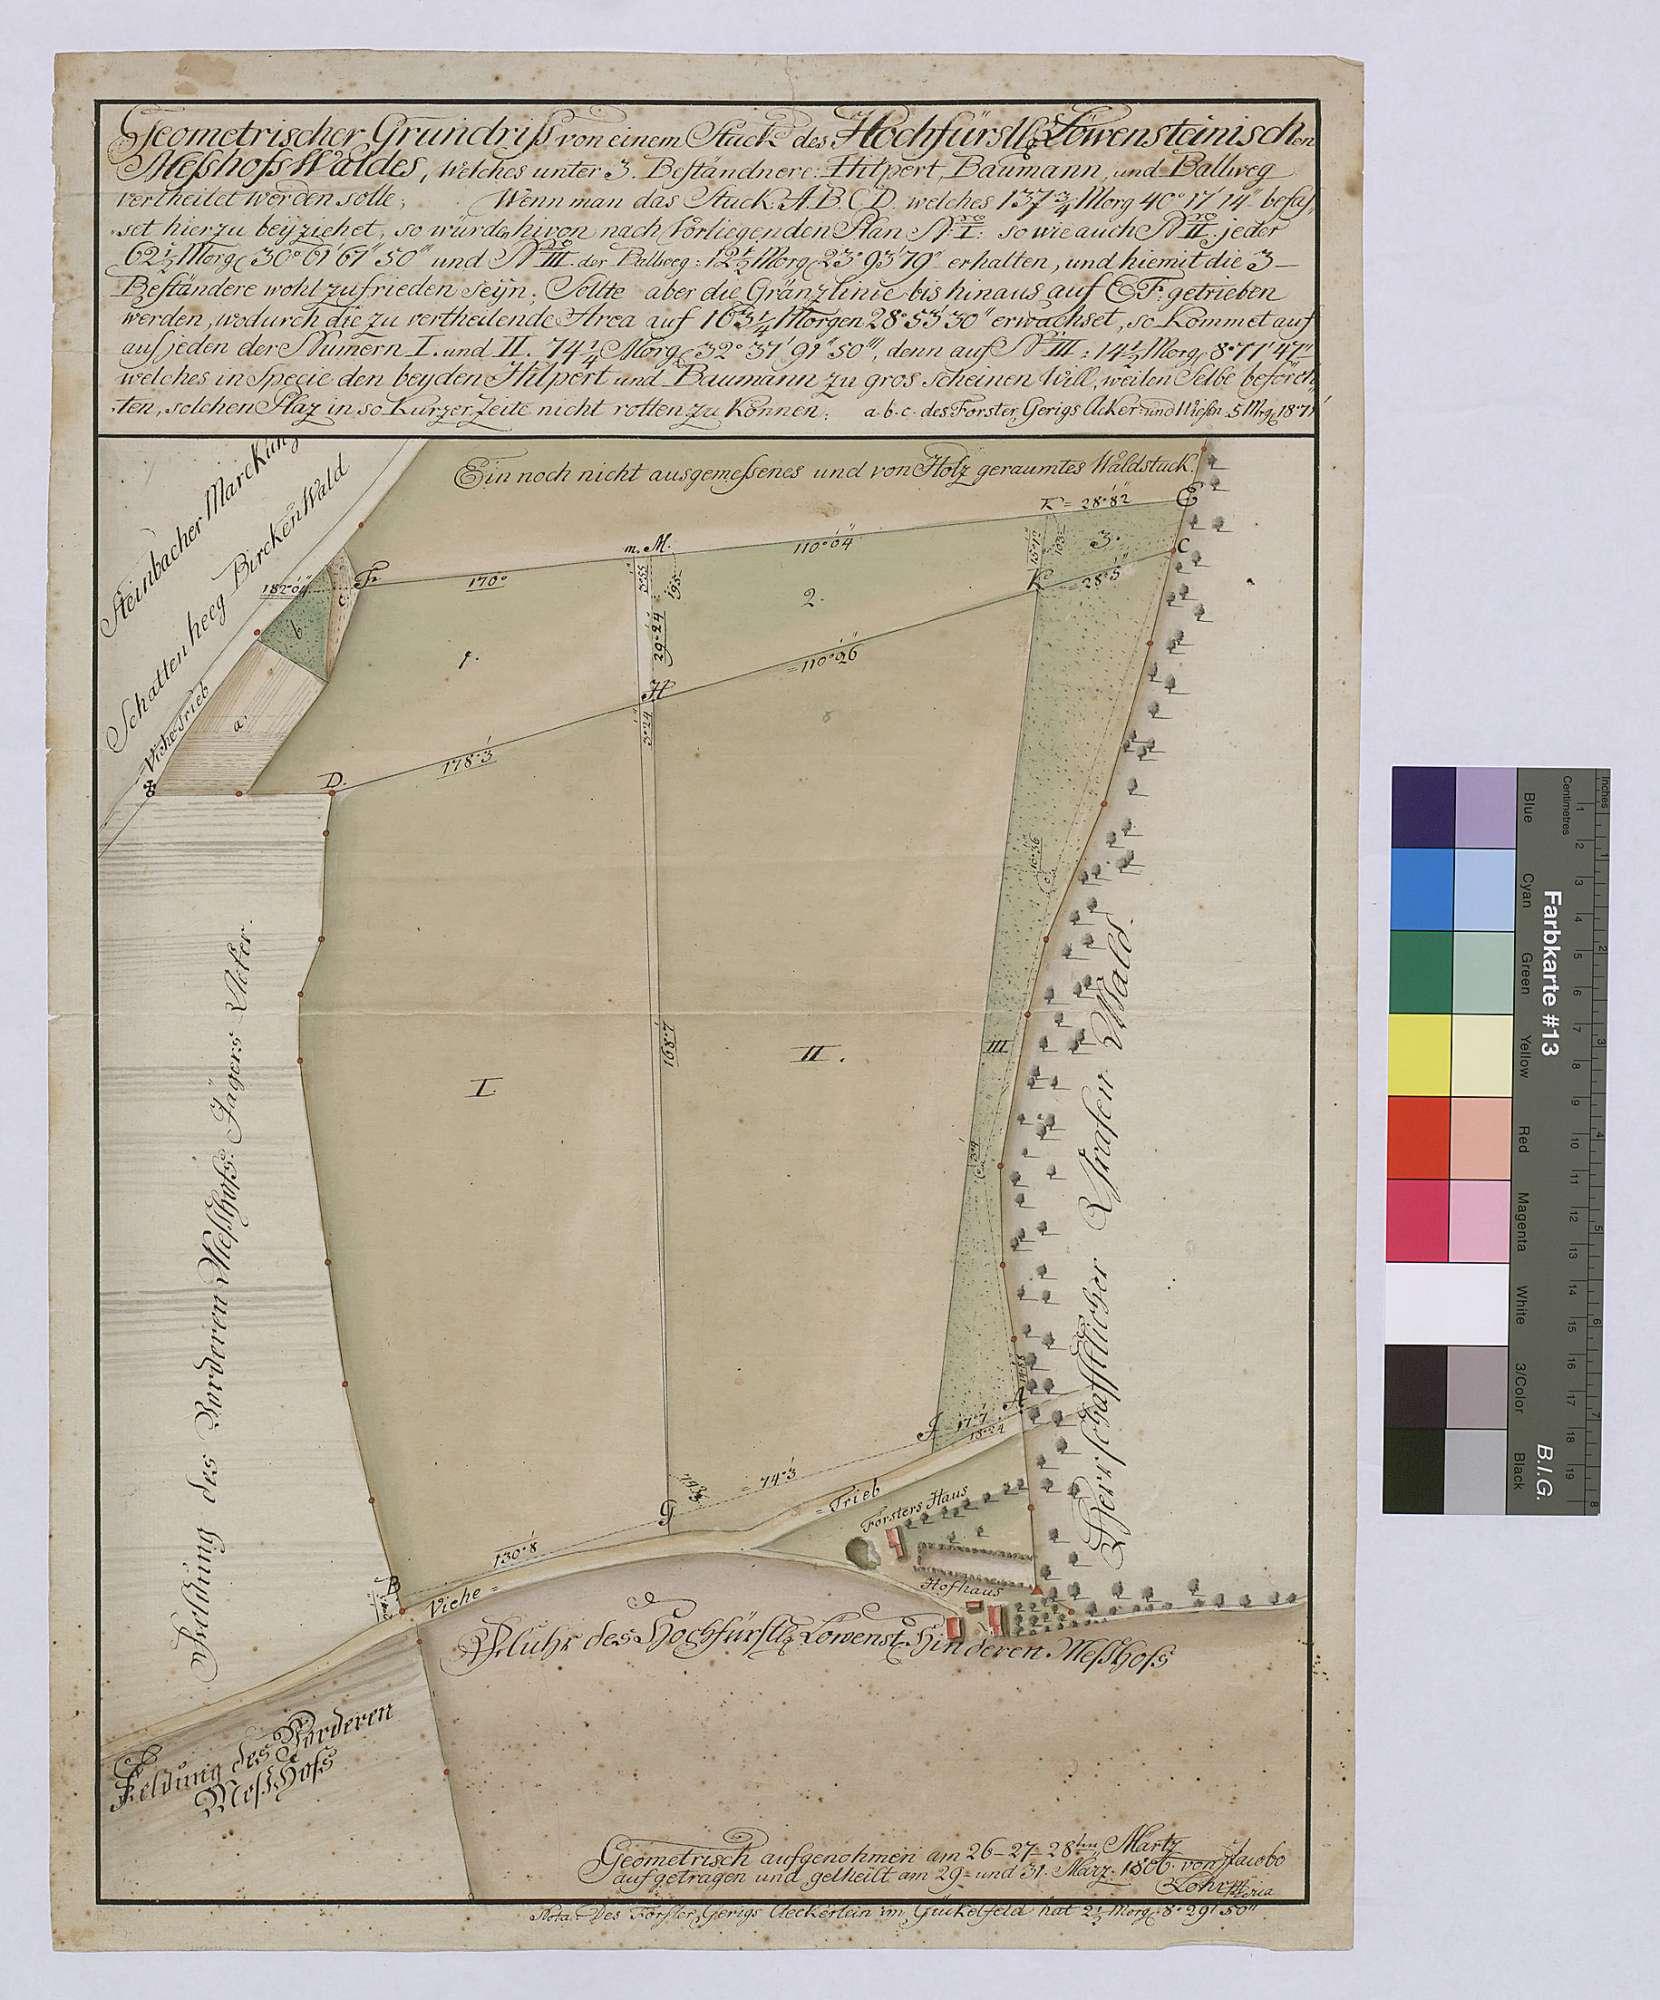 Geometrischer Grundriss von einem Stück des Meßhofswaldes, welches unter drei Beständern (Hilpert, Baumann und Ballweg) [zur Rodung] verteilt werden soll (Inselkarte), Bild 1